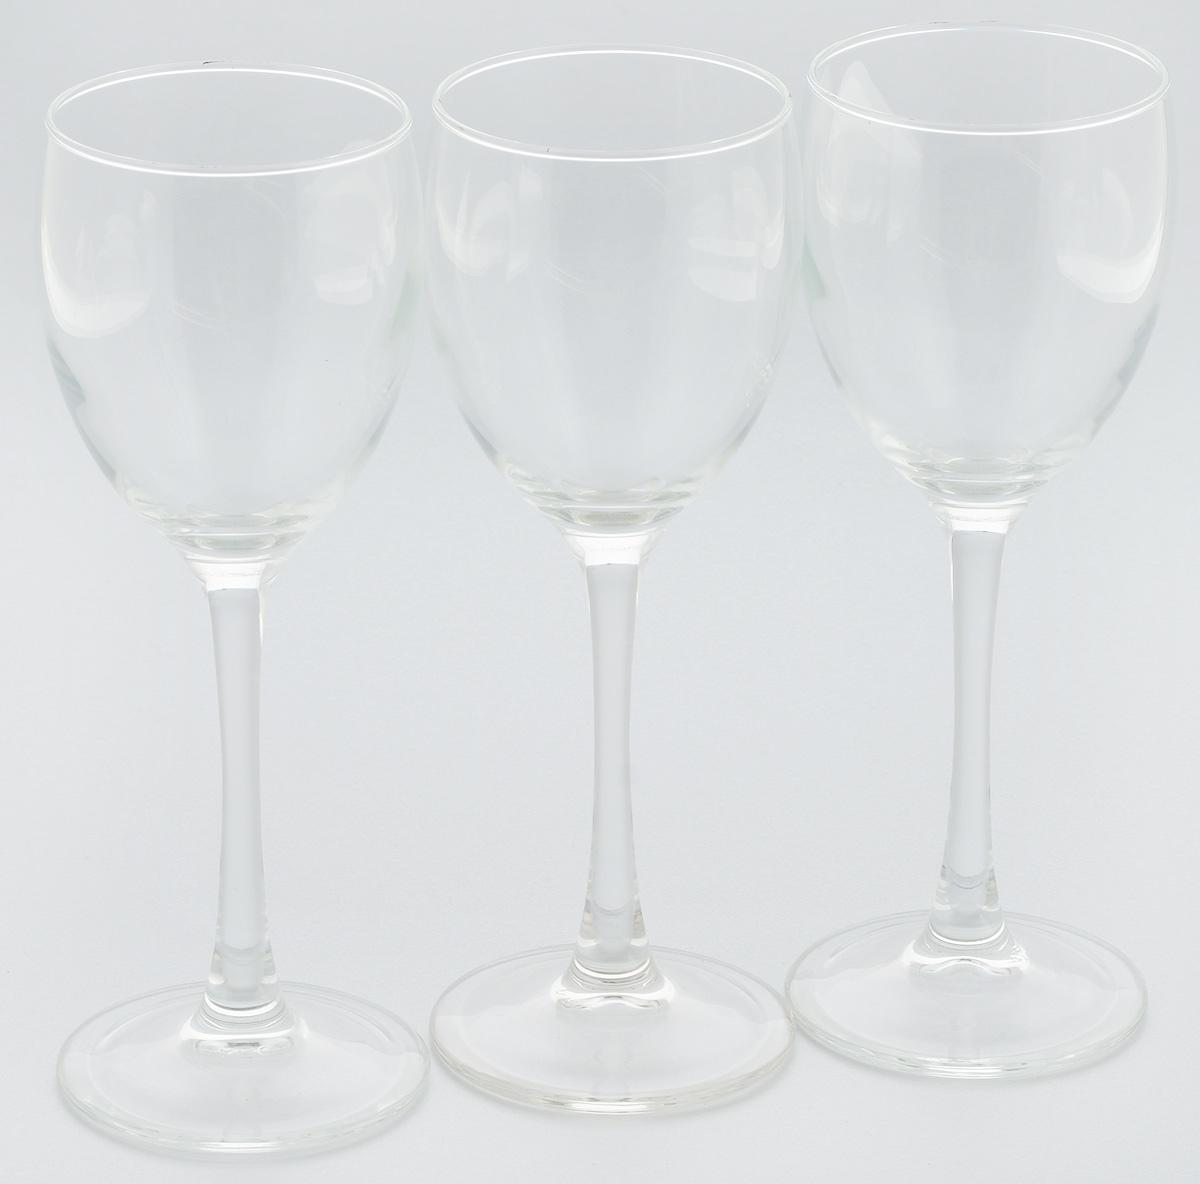 Набор бокалов Luminarc Эталон, 190 мл, 3 штVT-1520(SR)Набор Luminarc Эталон состоит из 3 бокалов на высоких ножках, выполненных из высококачественного ударопрочного стекла. Изделия предназначены для подачи вина. Они излучают приятный блеск и издают мелодичный звон. Набор бокалов прекрасно оформит праздничный стол и создаст приятную атмосферу за романтическим ужином. Можно мыть в посудомоечной машине. Диаметр по верхнему краю: 6,5 см. Высота бокала: 18,5 см.